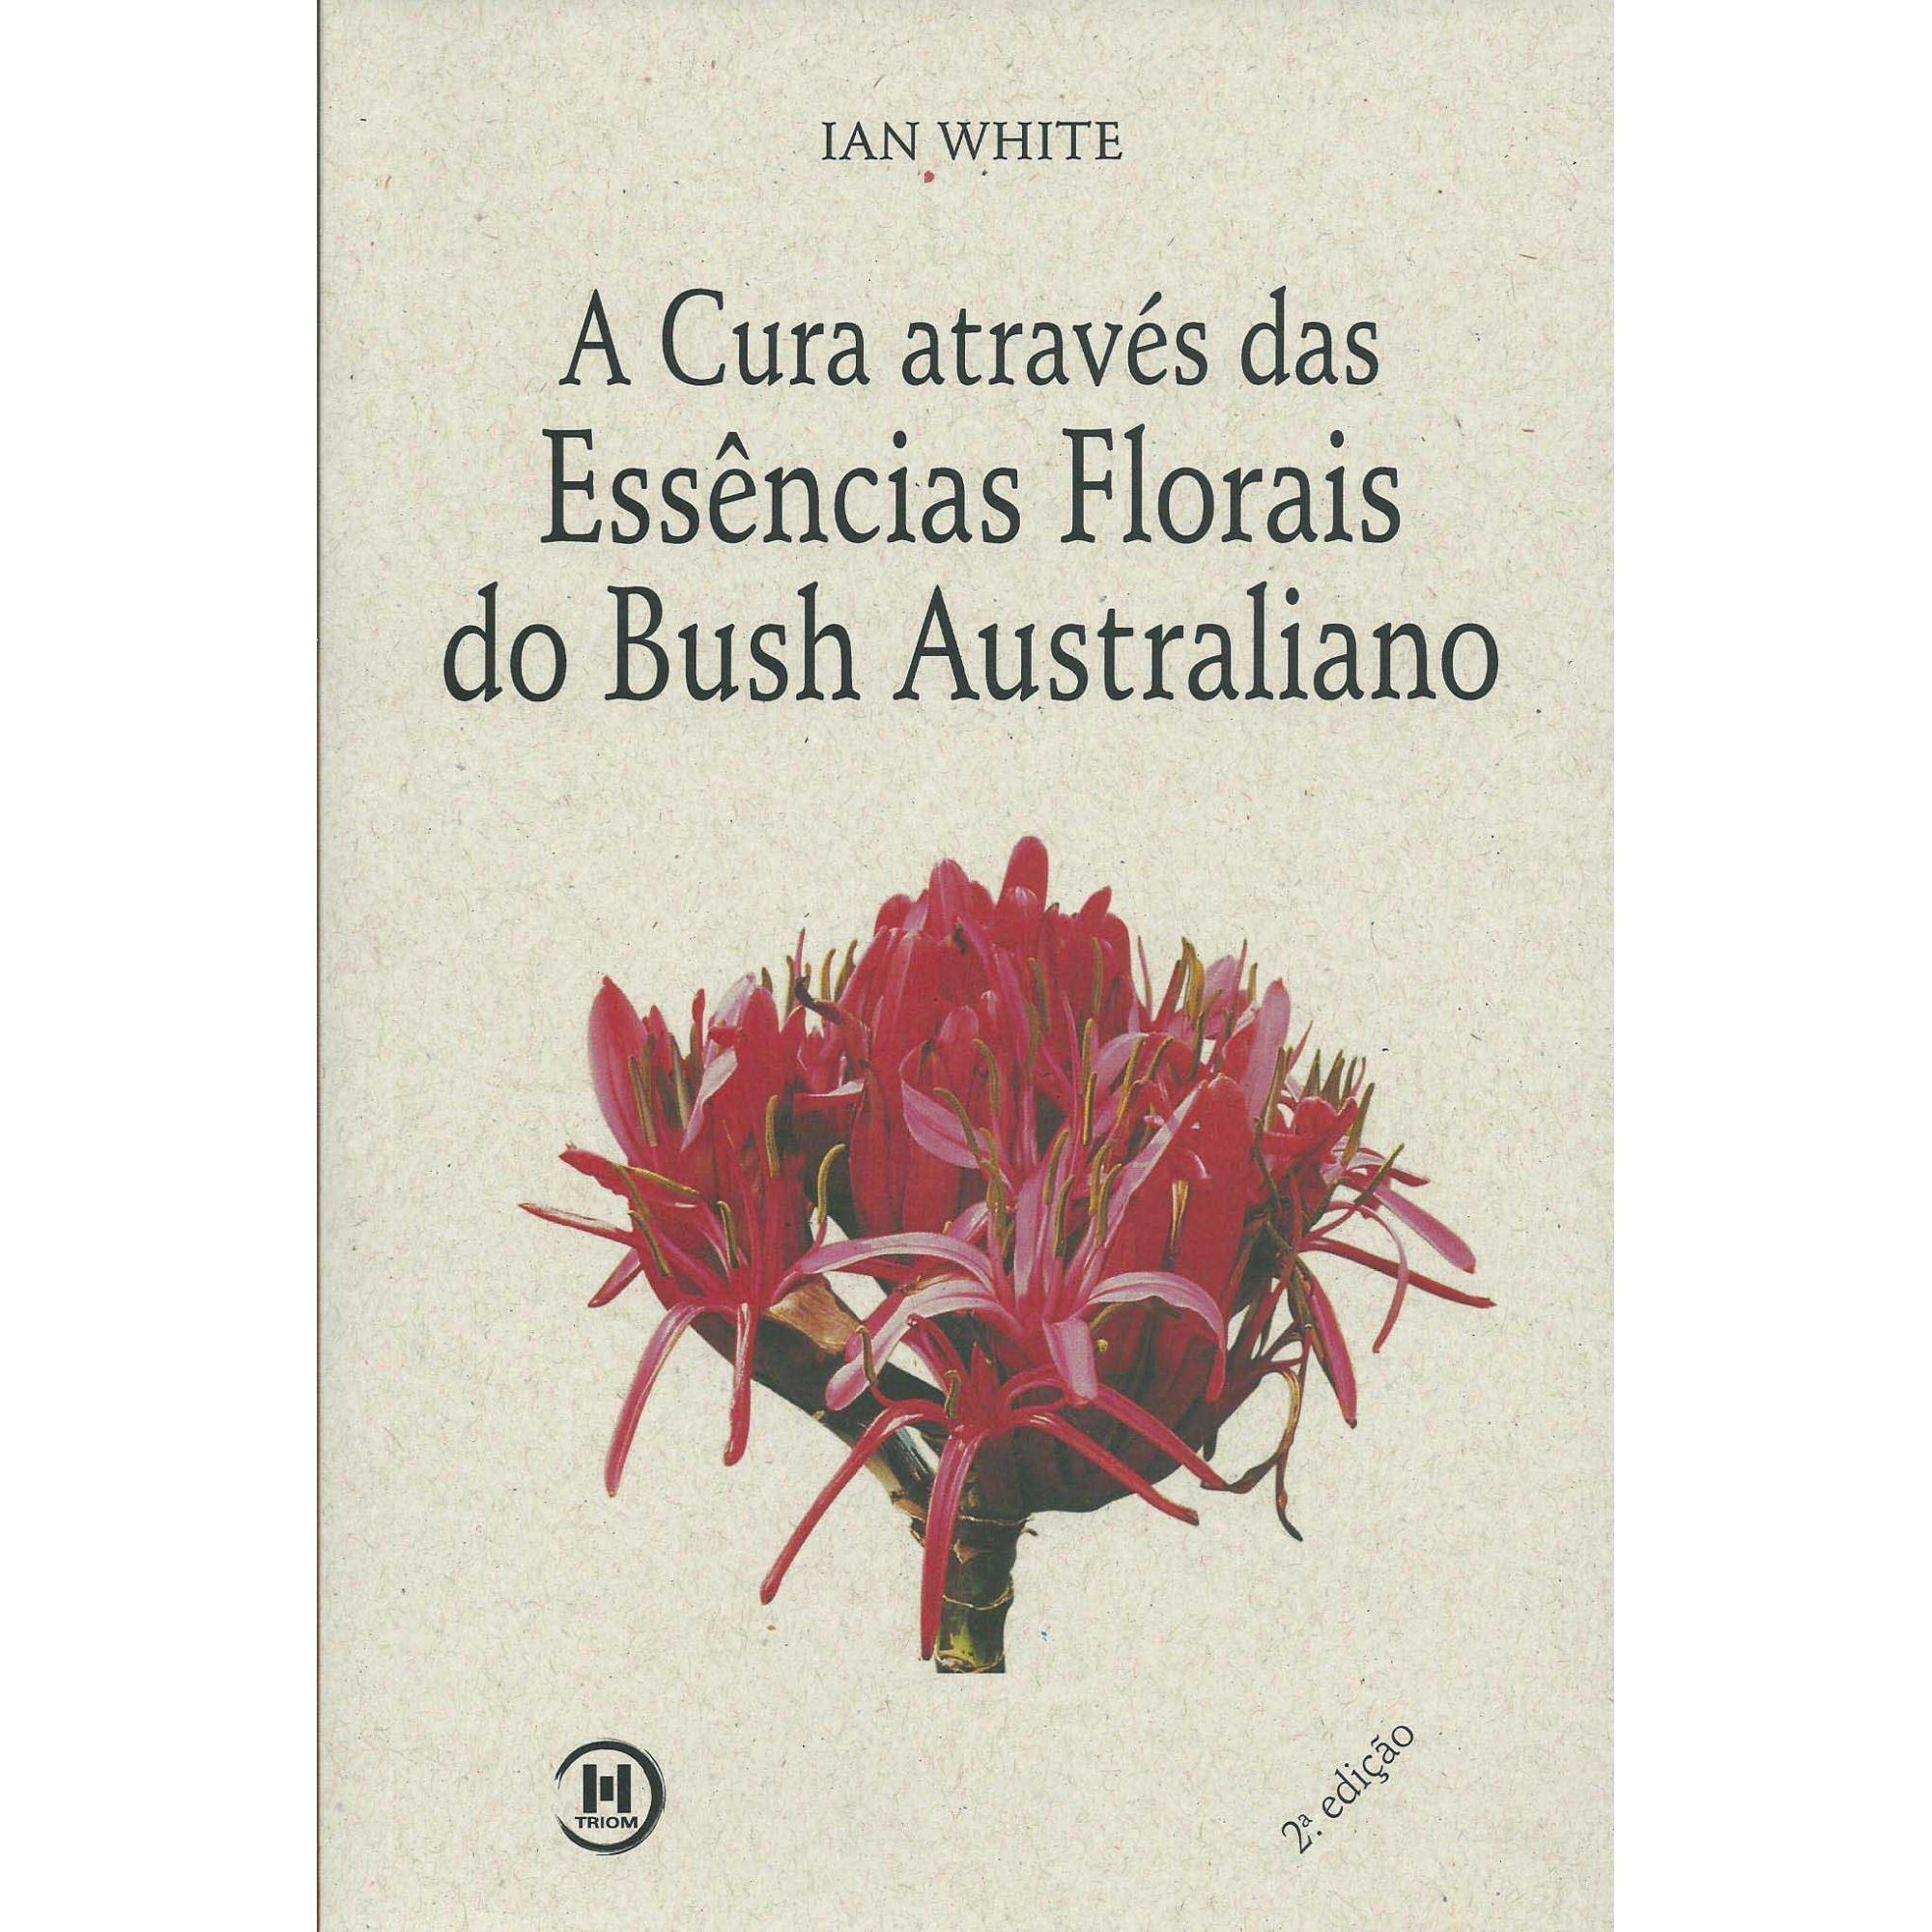 Livro A Cura através das Essências Florais Australianas  - Floressência